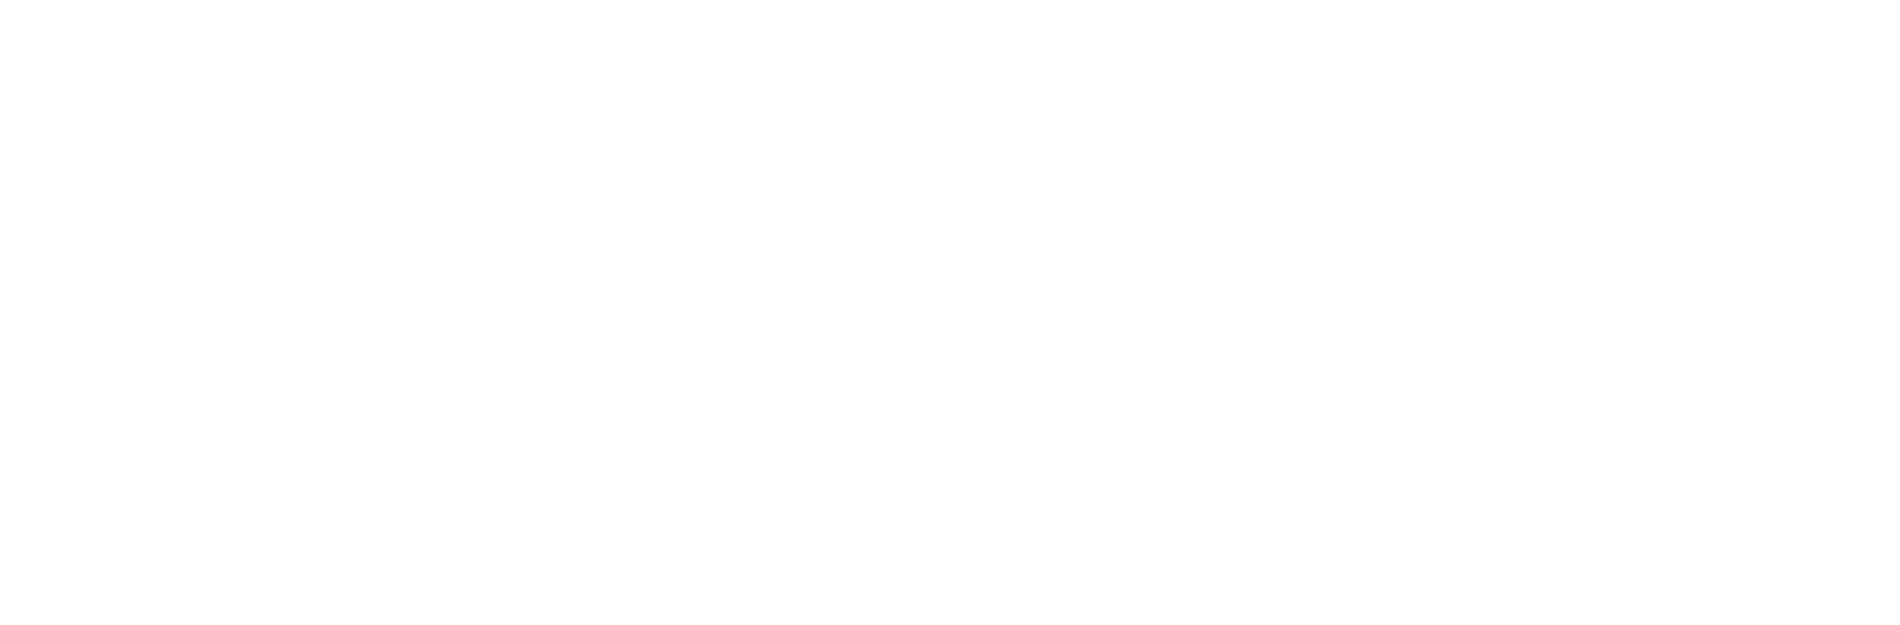 Otte Solarien - Beauty